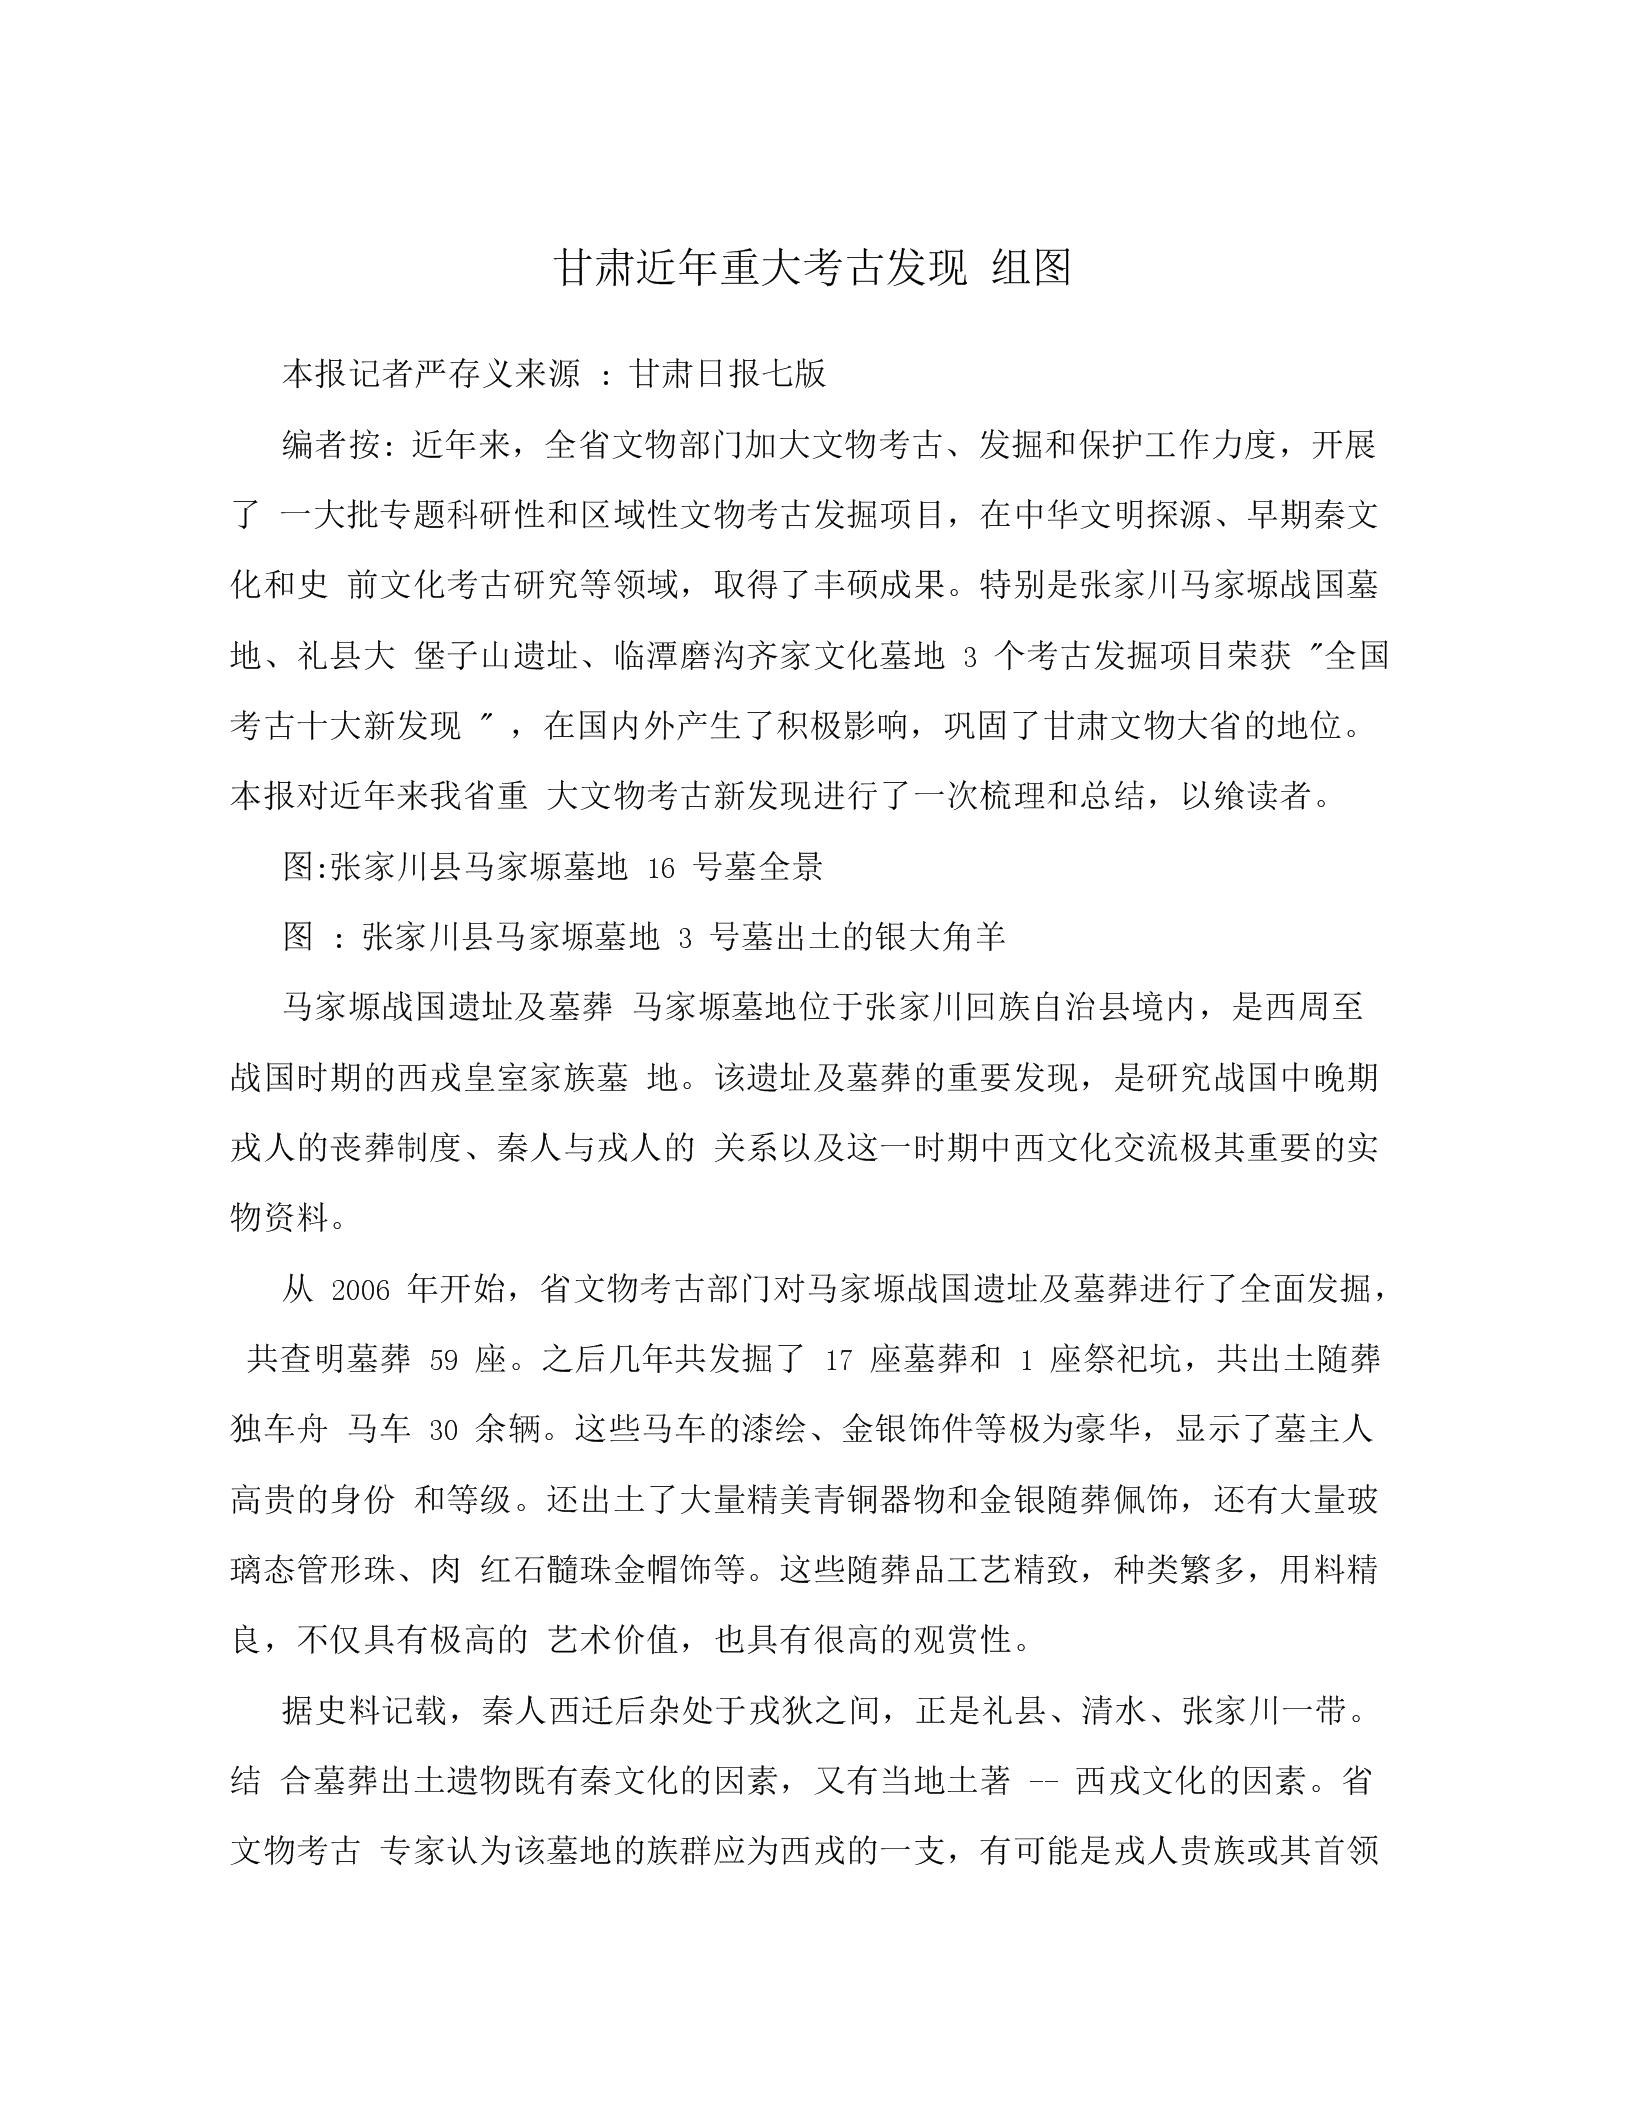 甘肃近年重大考古发现组图.docx